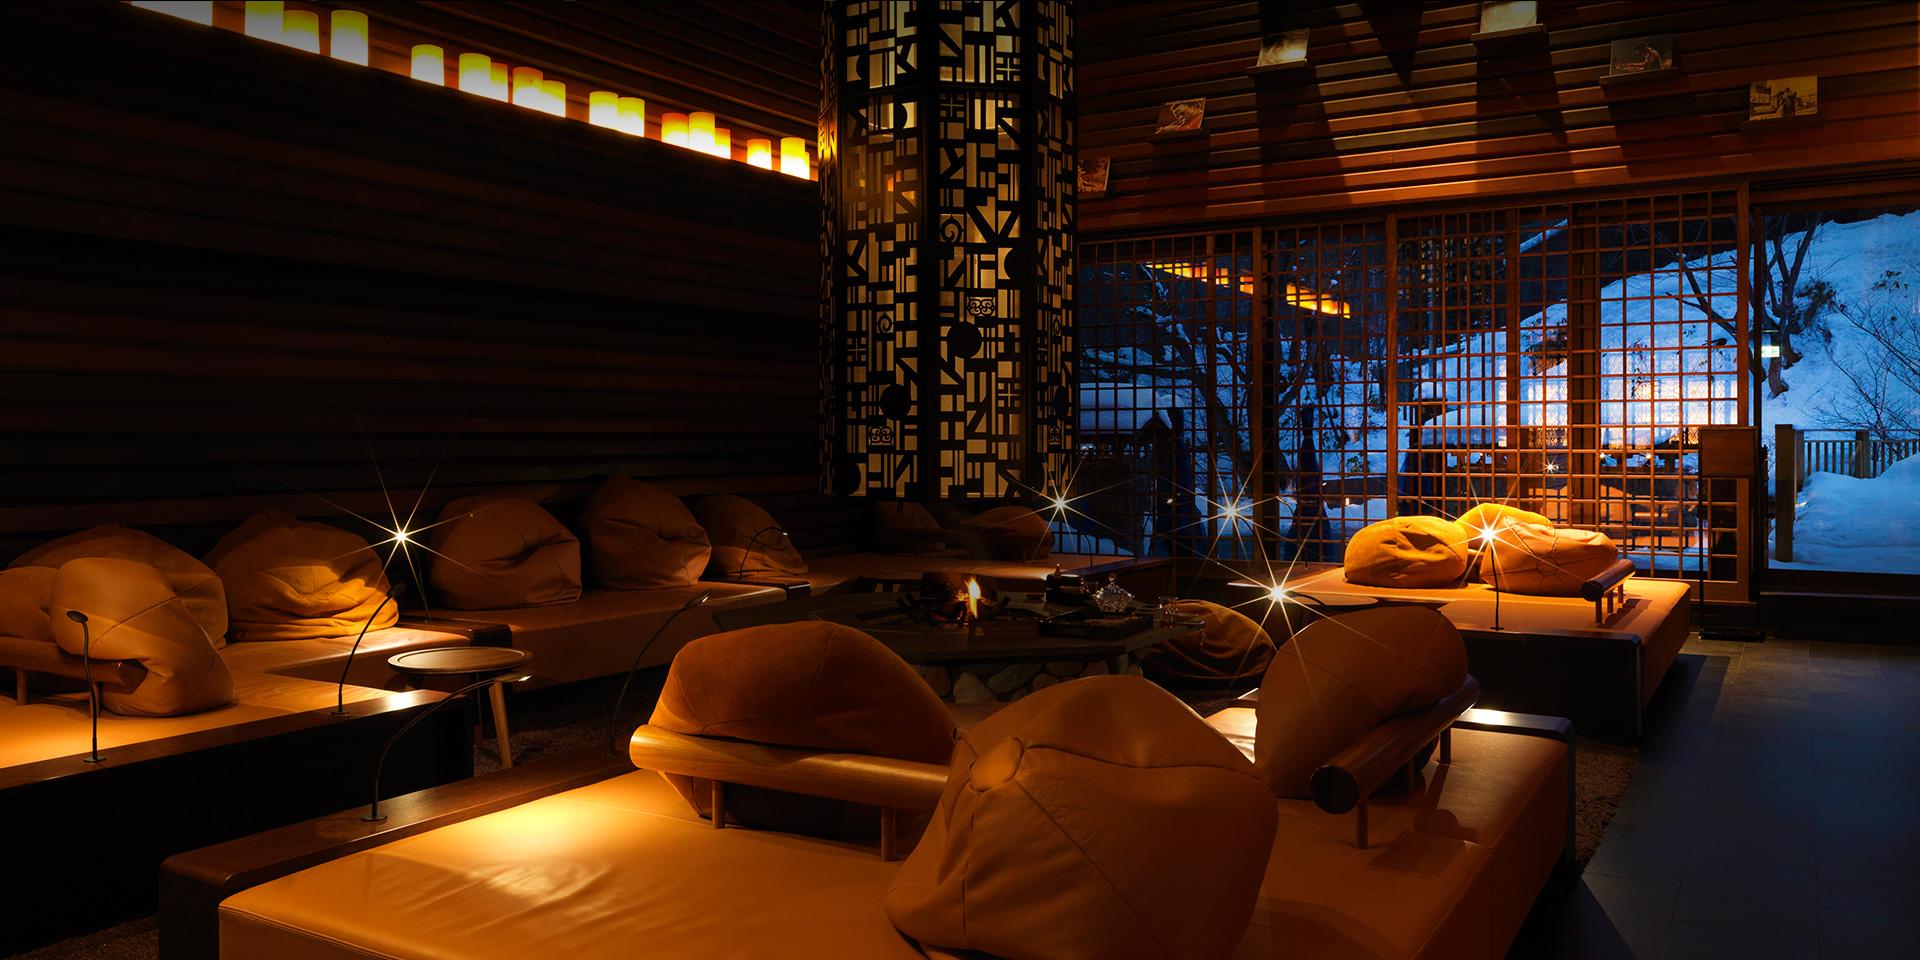 北海道で過ごす大人の休日。大人の隠れ宿